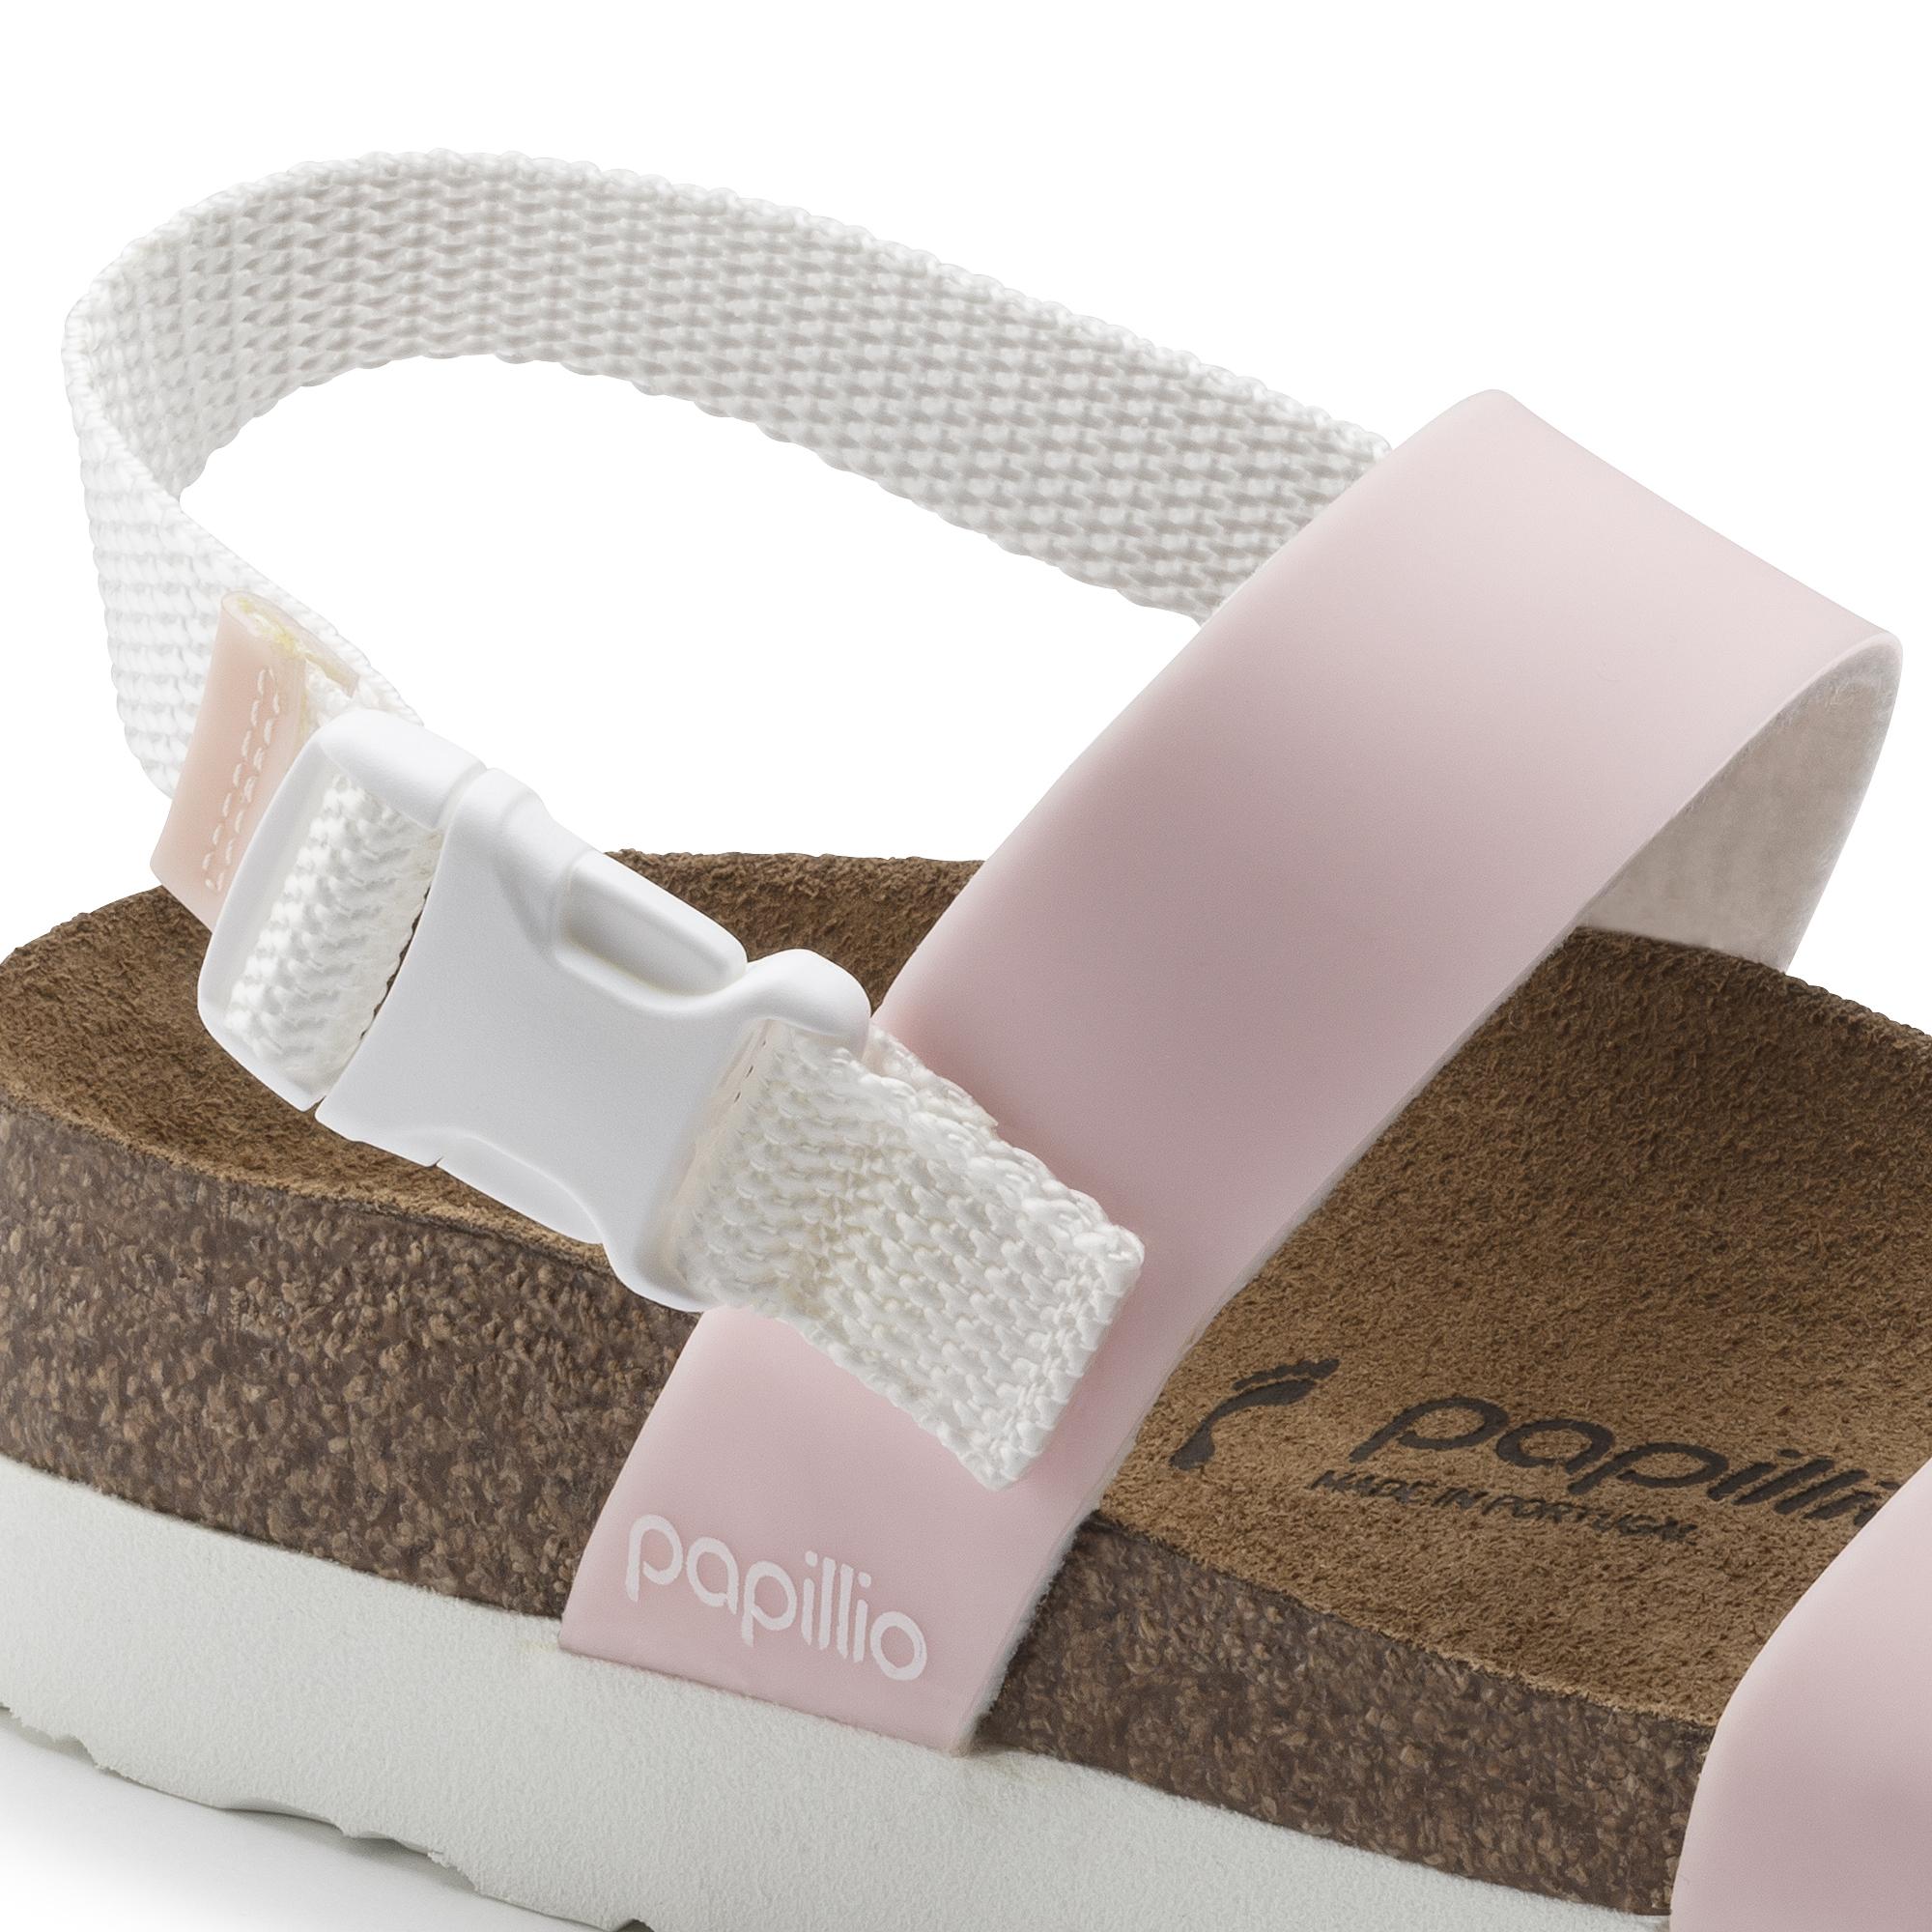 bdbb43943f0 Cameron Birko-Flor Pastel Pink